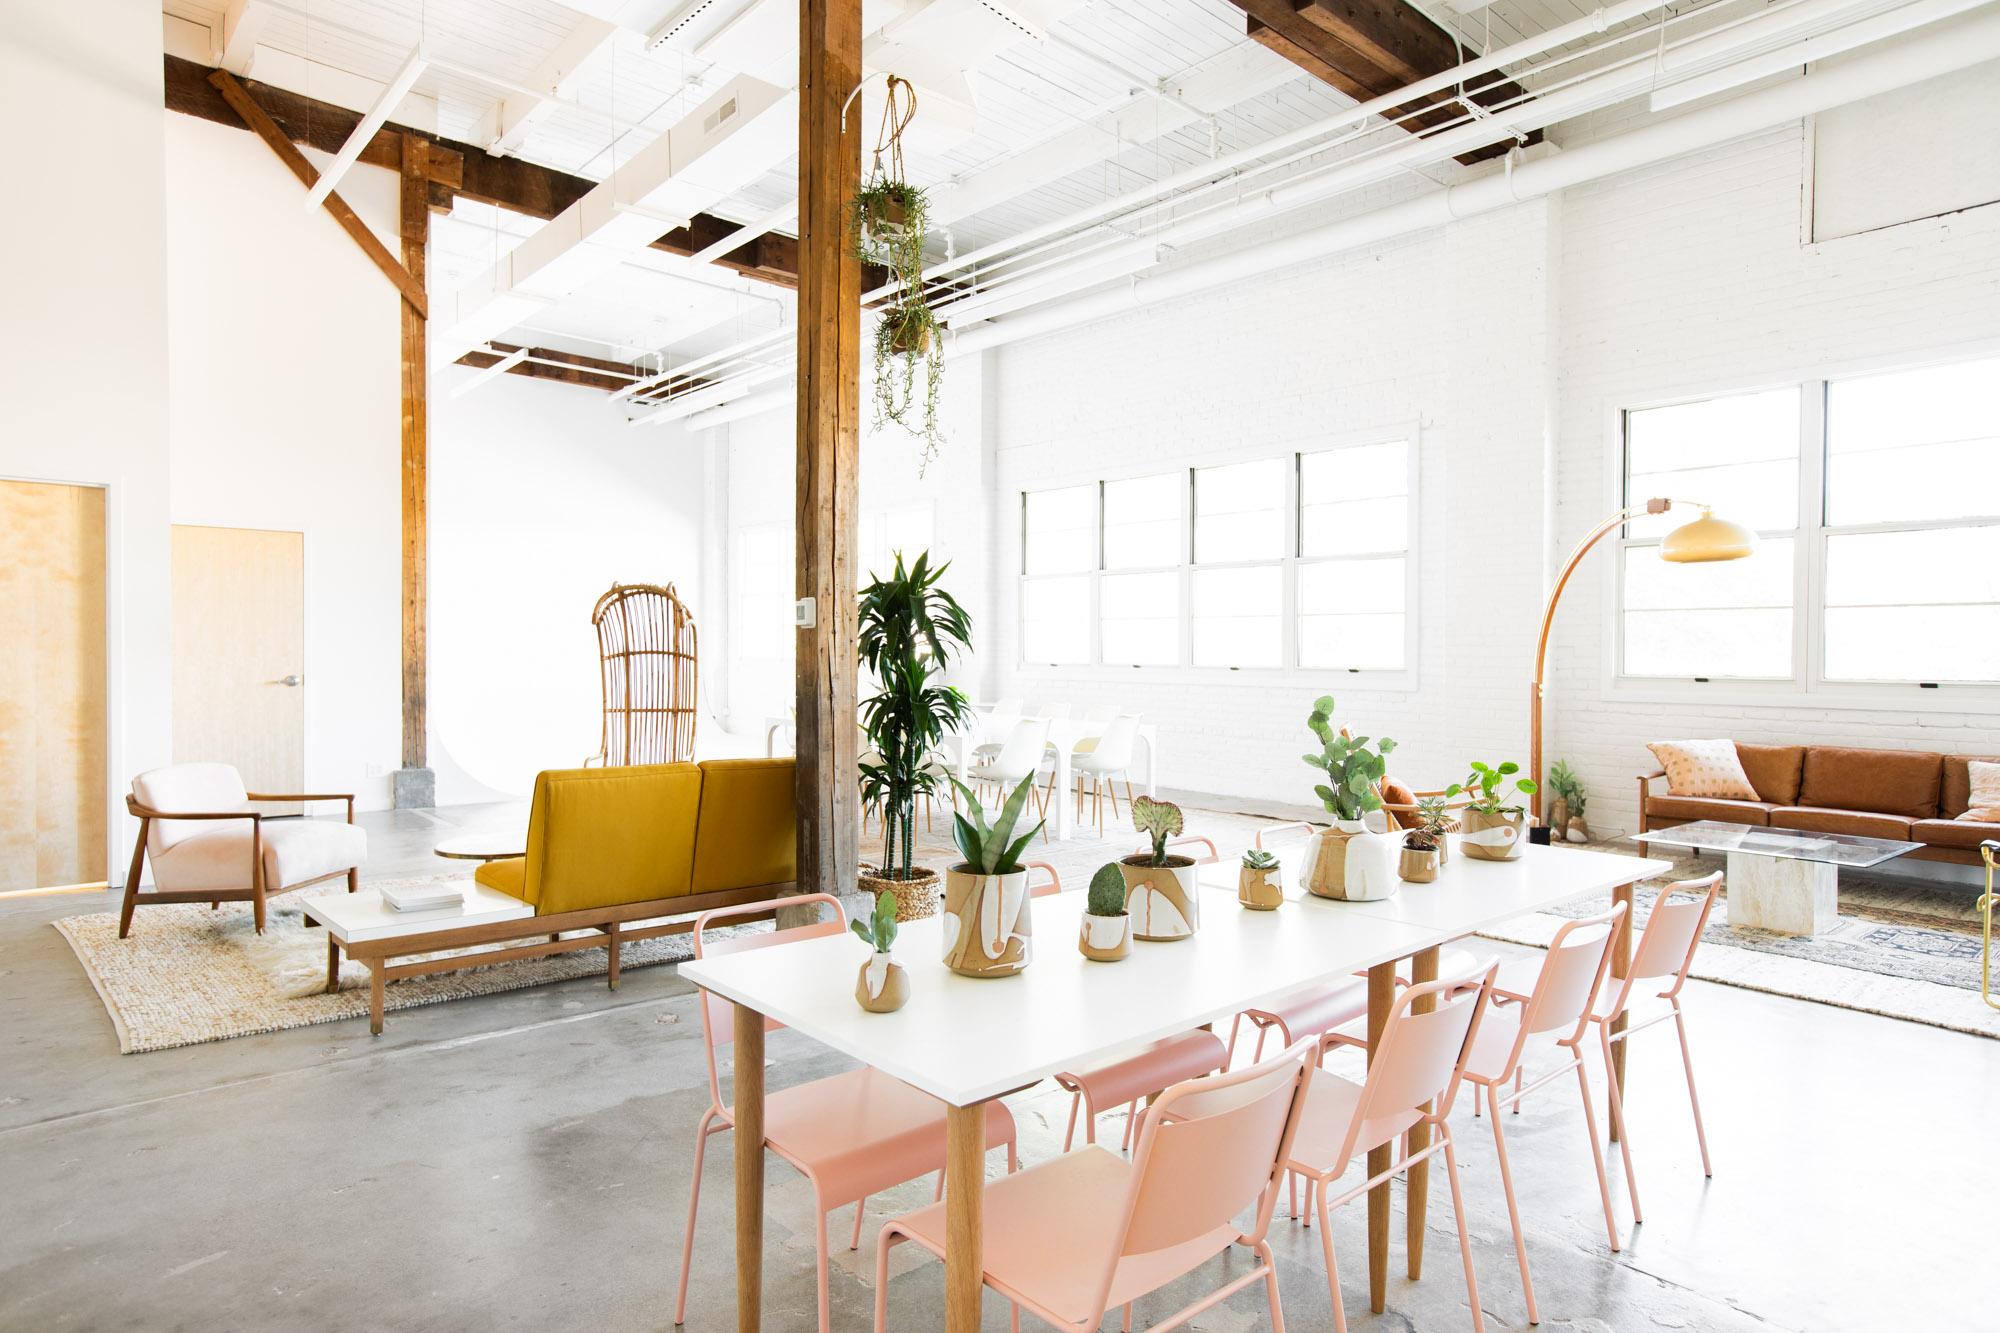 rlm-softlaunch-furnished-web-14.jpg